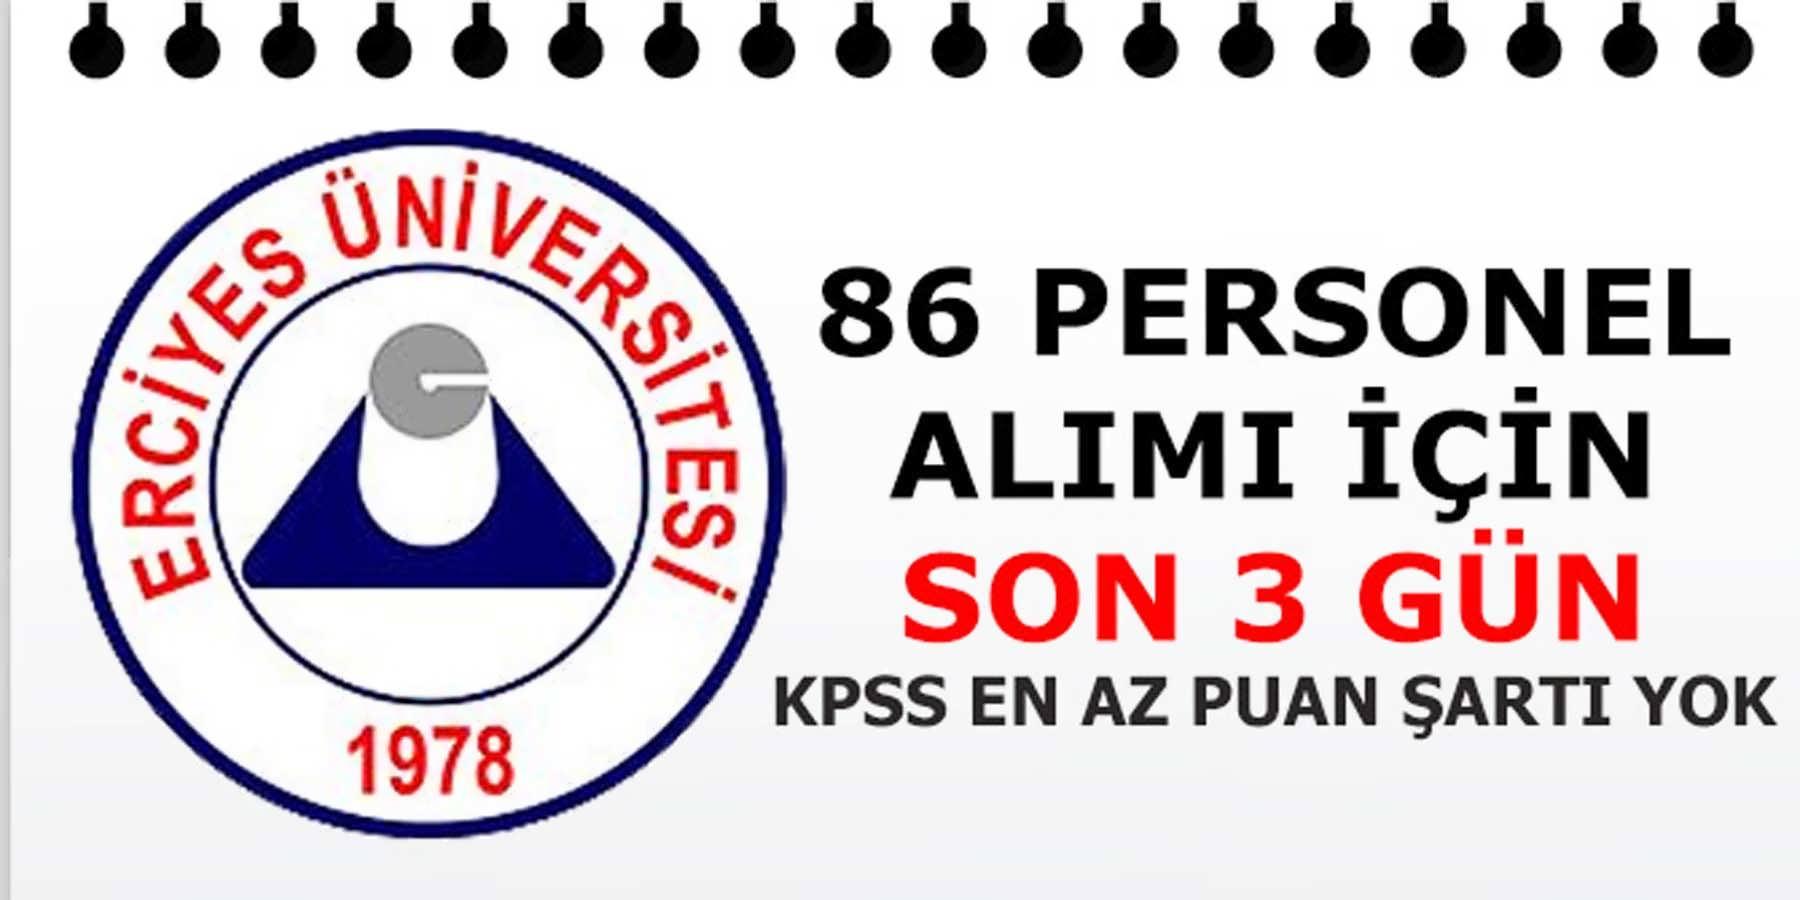 Erciyes Üniversitesi 86 Personel Alımı Başvuruları İçin Son 3 Gün